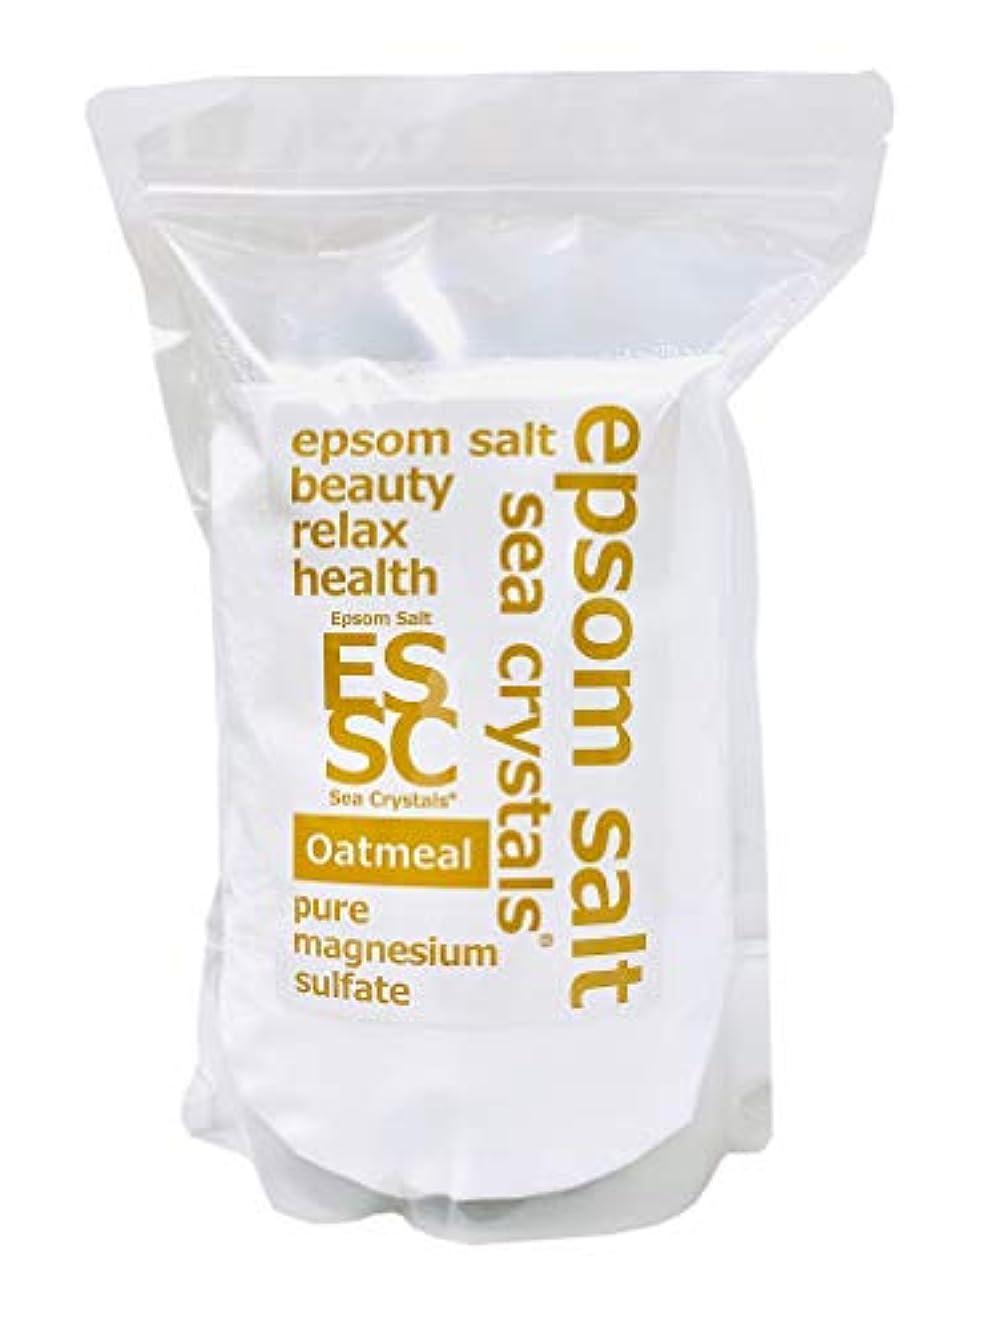 あいまいさ解決するパラナ川【Amazon.co.jp限定】 Sea Crystals(シークリスタルス) オートミールバス 入浴剤 White 2.2kg